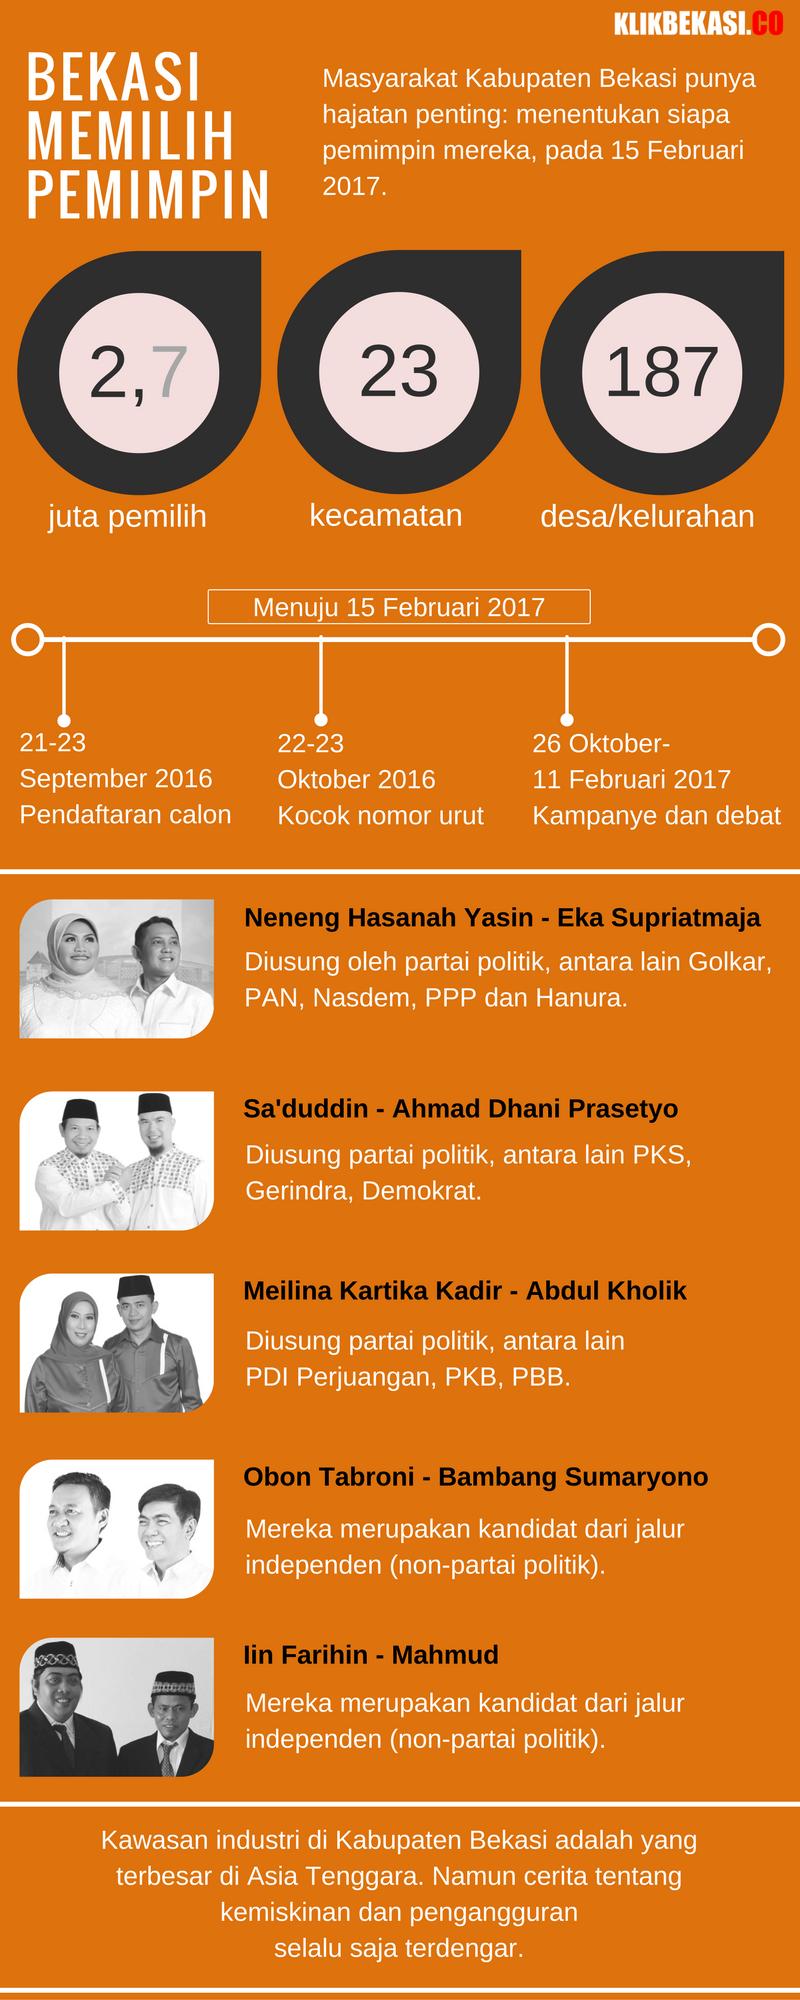 infografis-bekasi-memilih